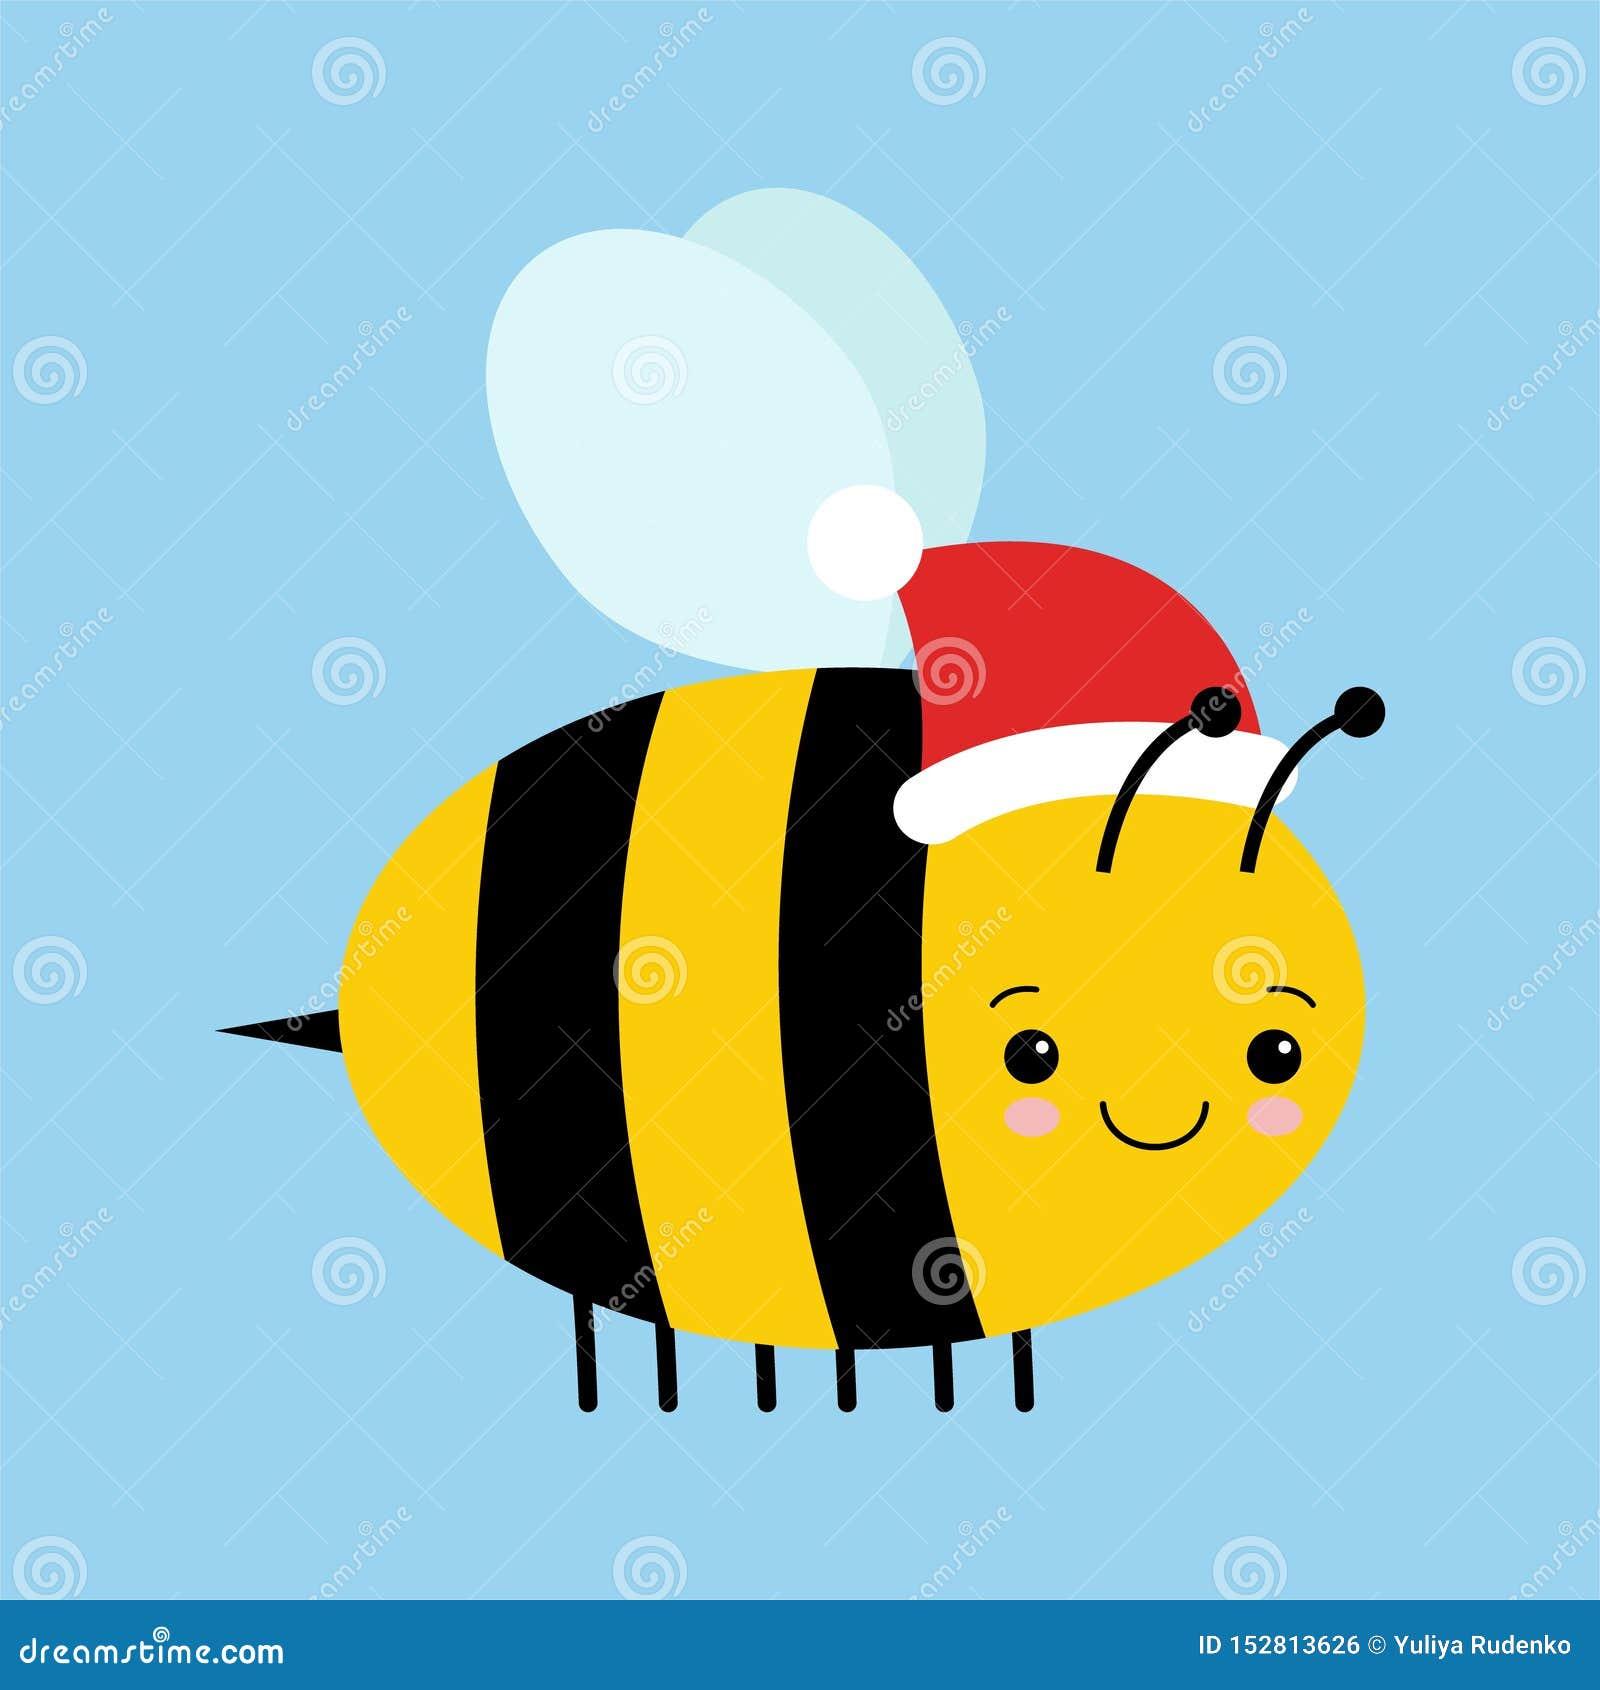 Απεικόνιση κινούμενων σχεδίων μιας χαριτωμένης ευτυχούς εορταστικής μέλισσας με ένα καπέλο Santa